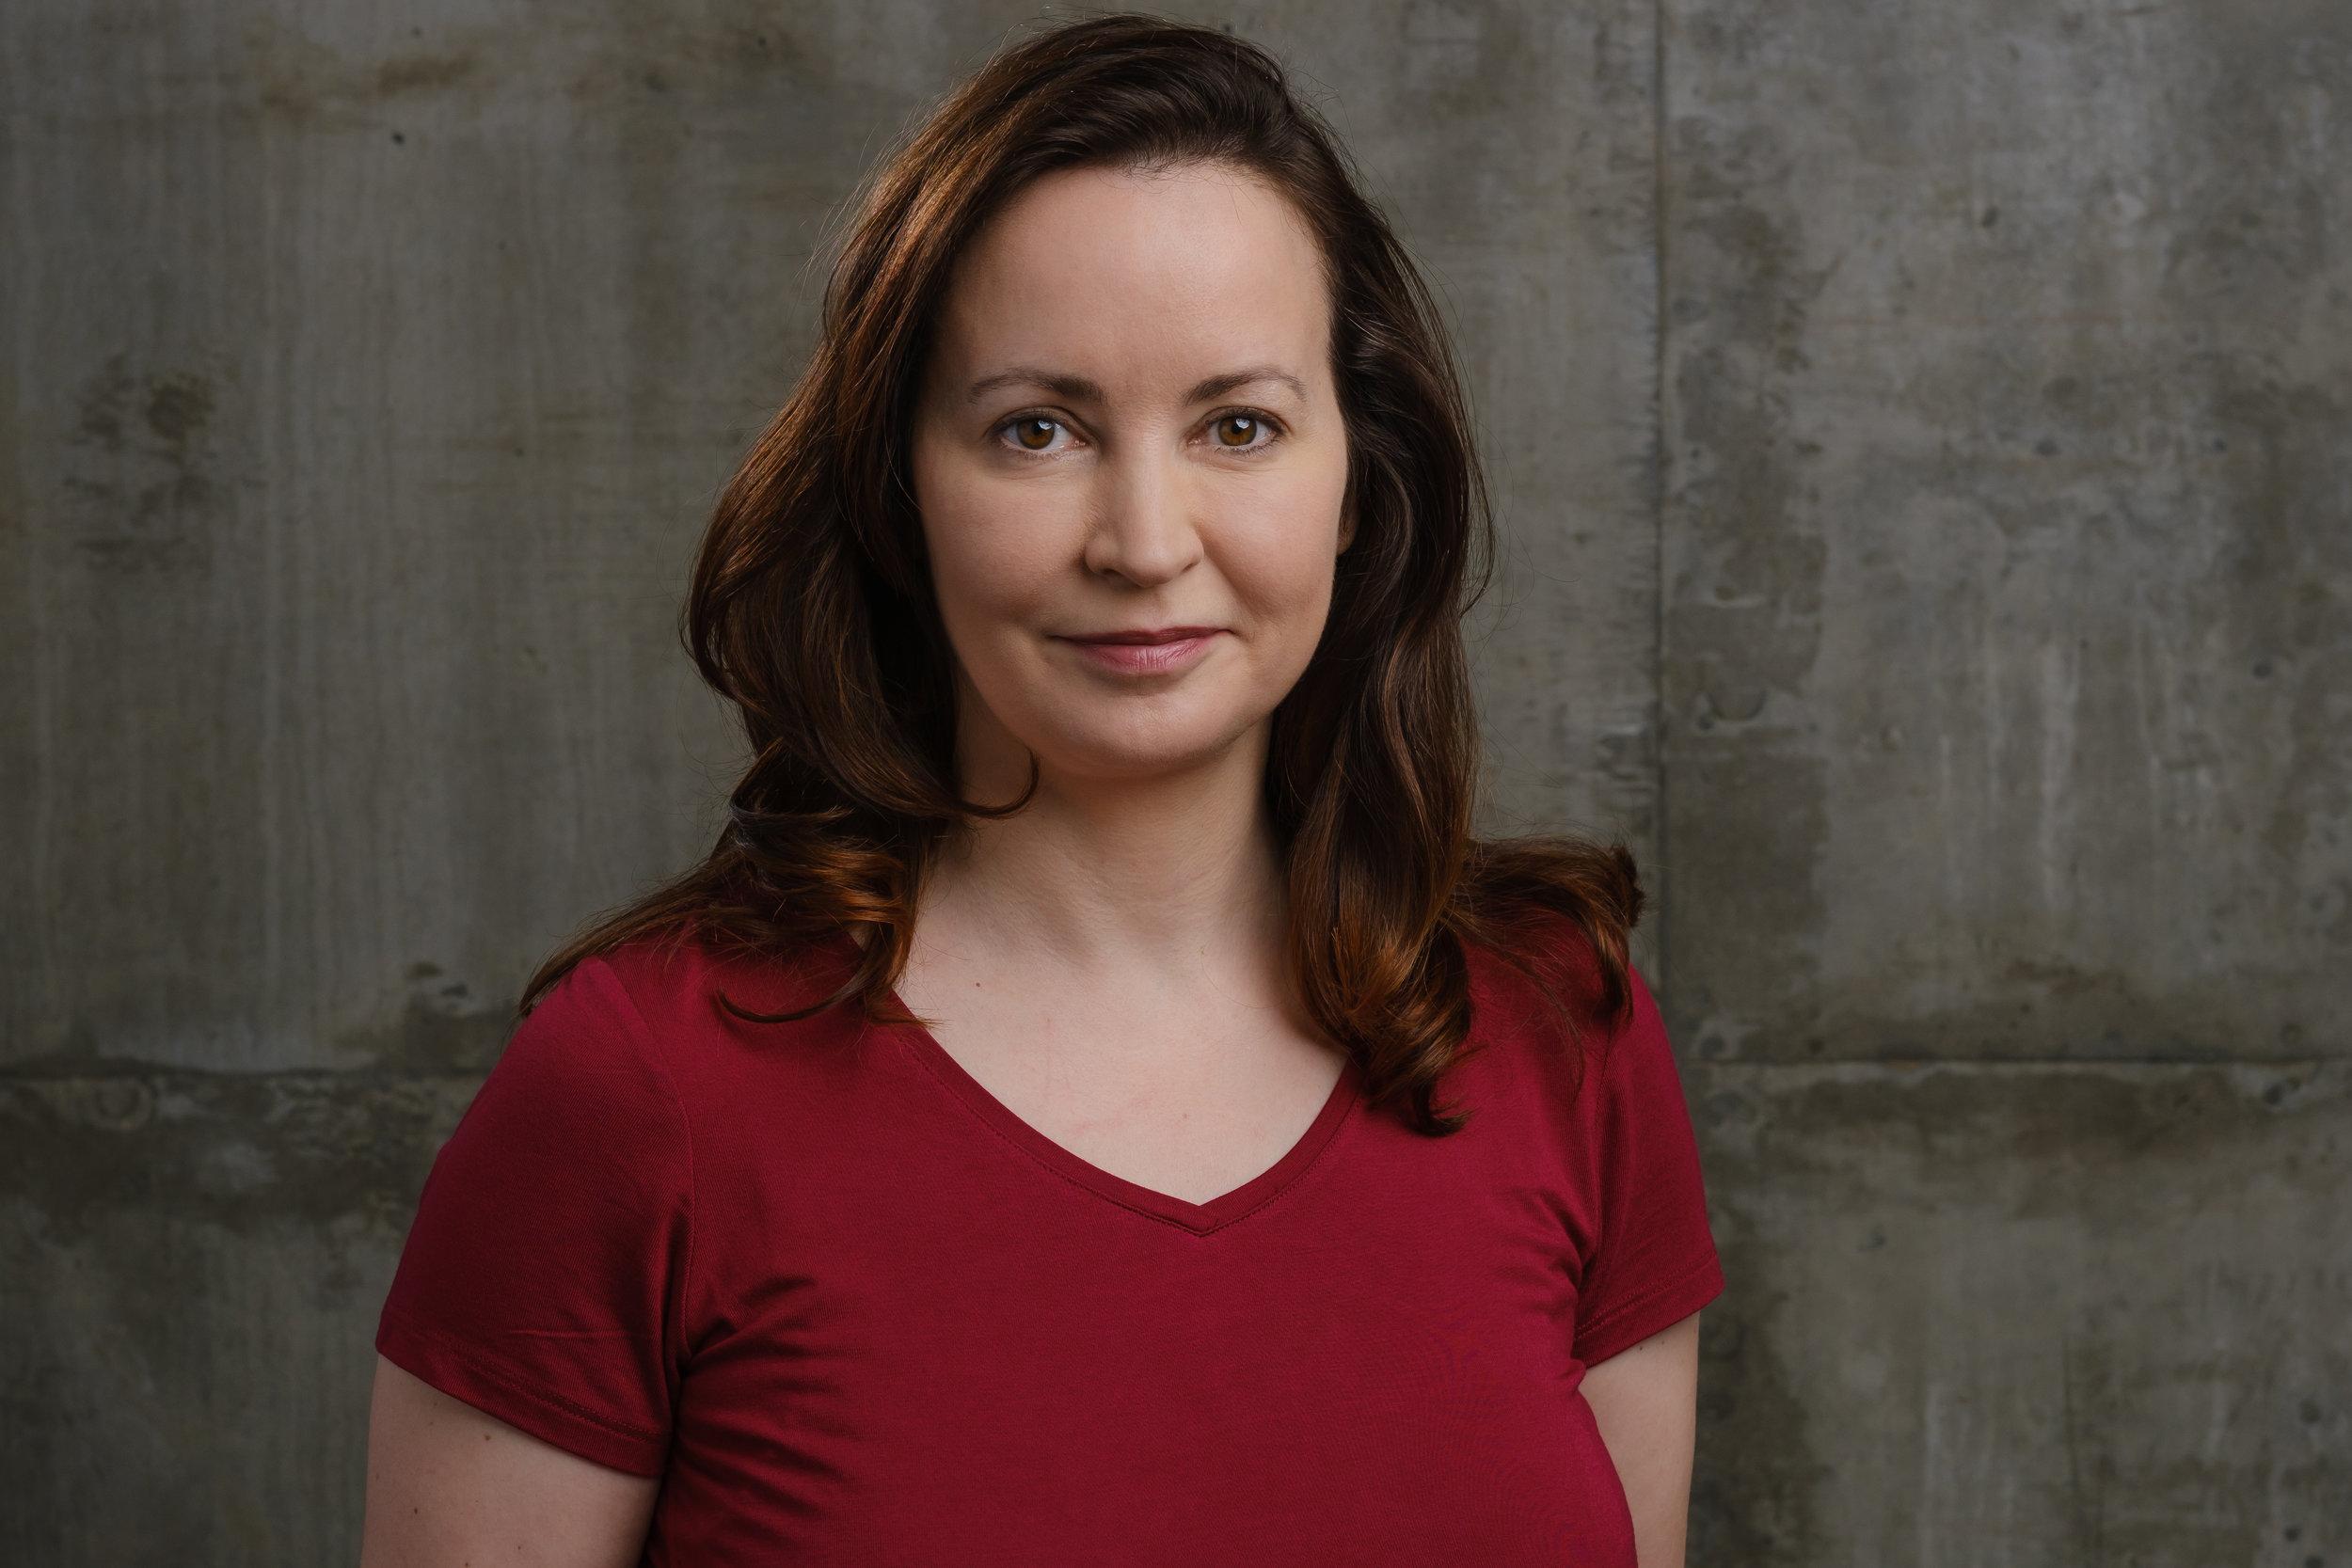 ottawa actress headshot